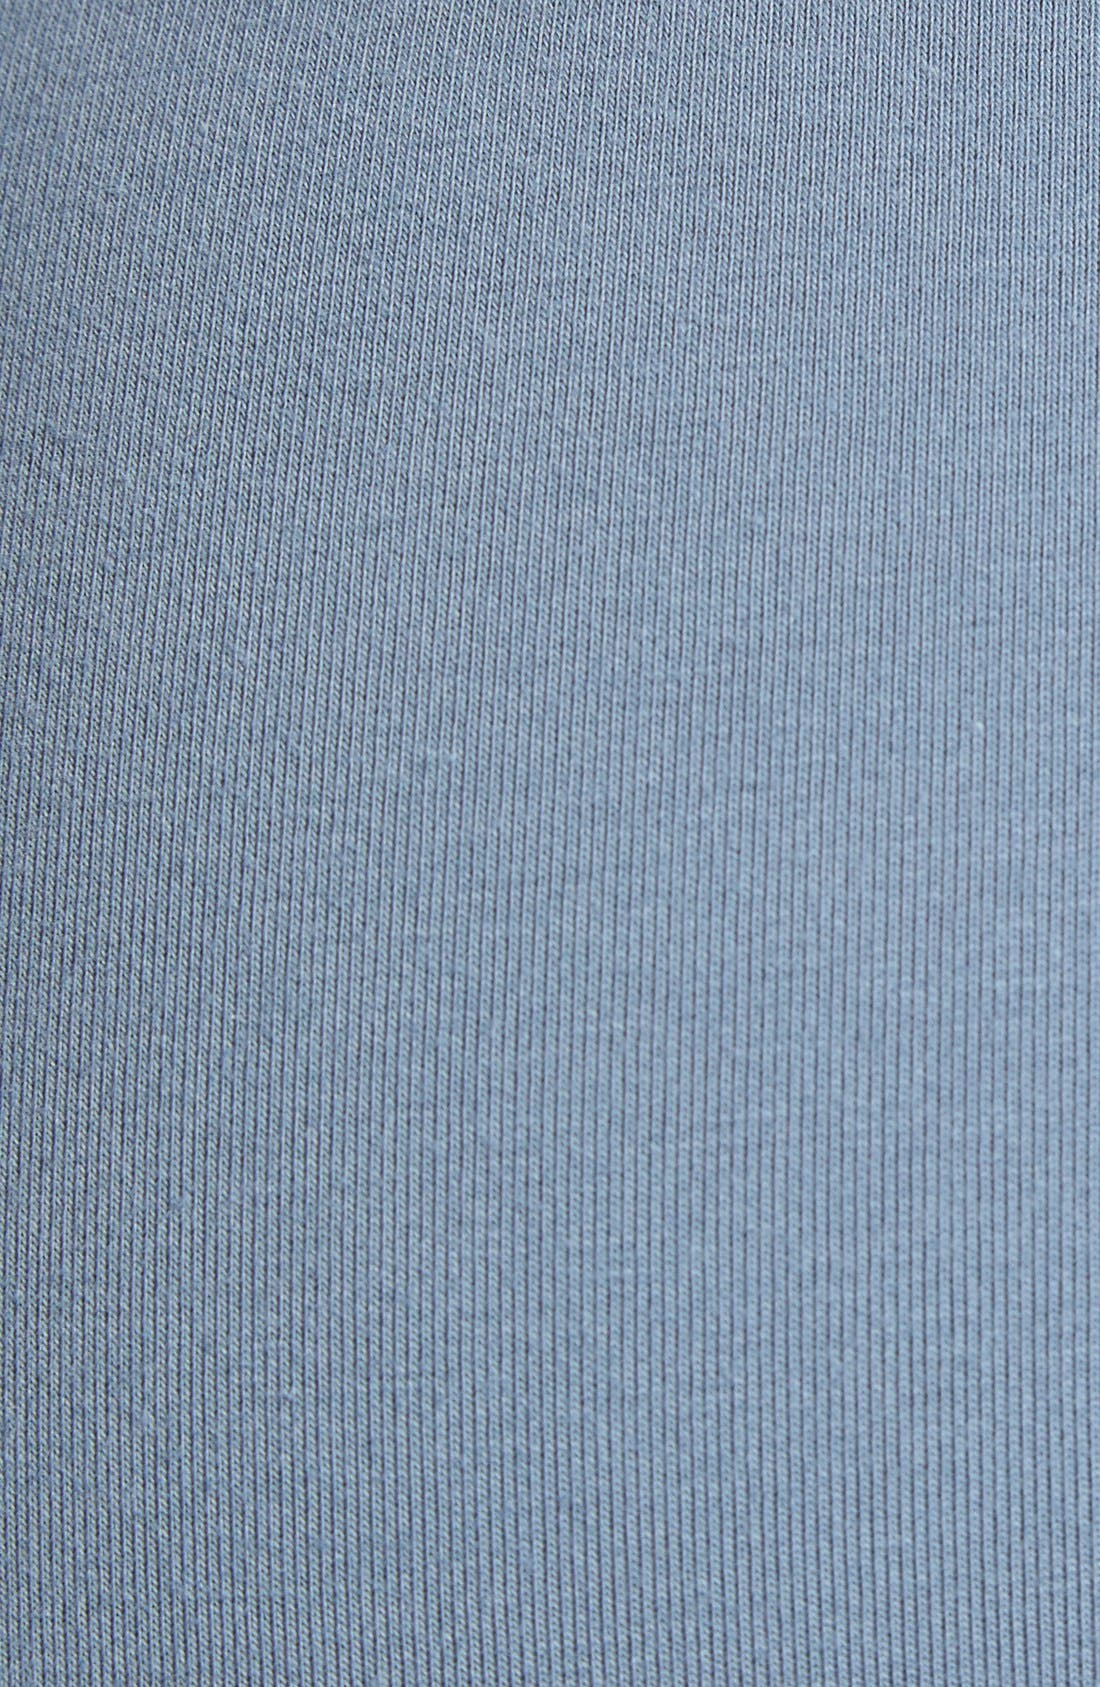 Alternate Image 3  - Calvin Klein 3-Pack Hip Briefs